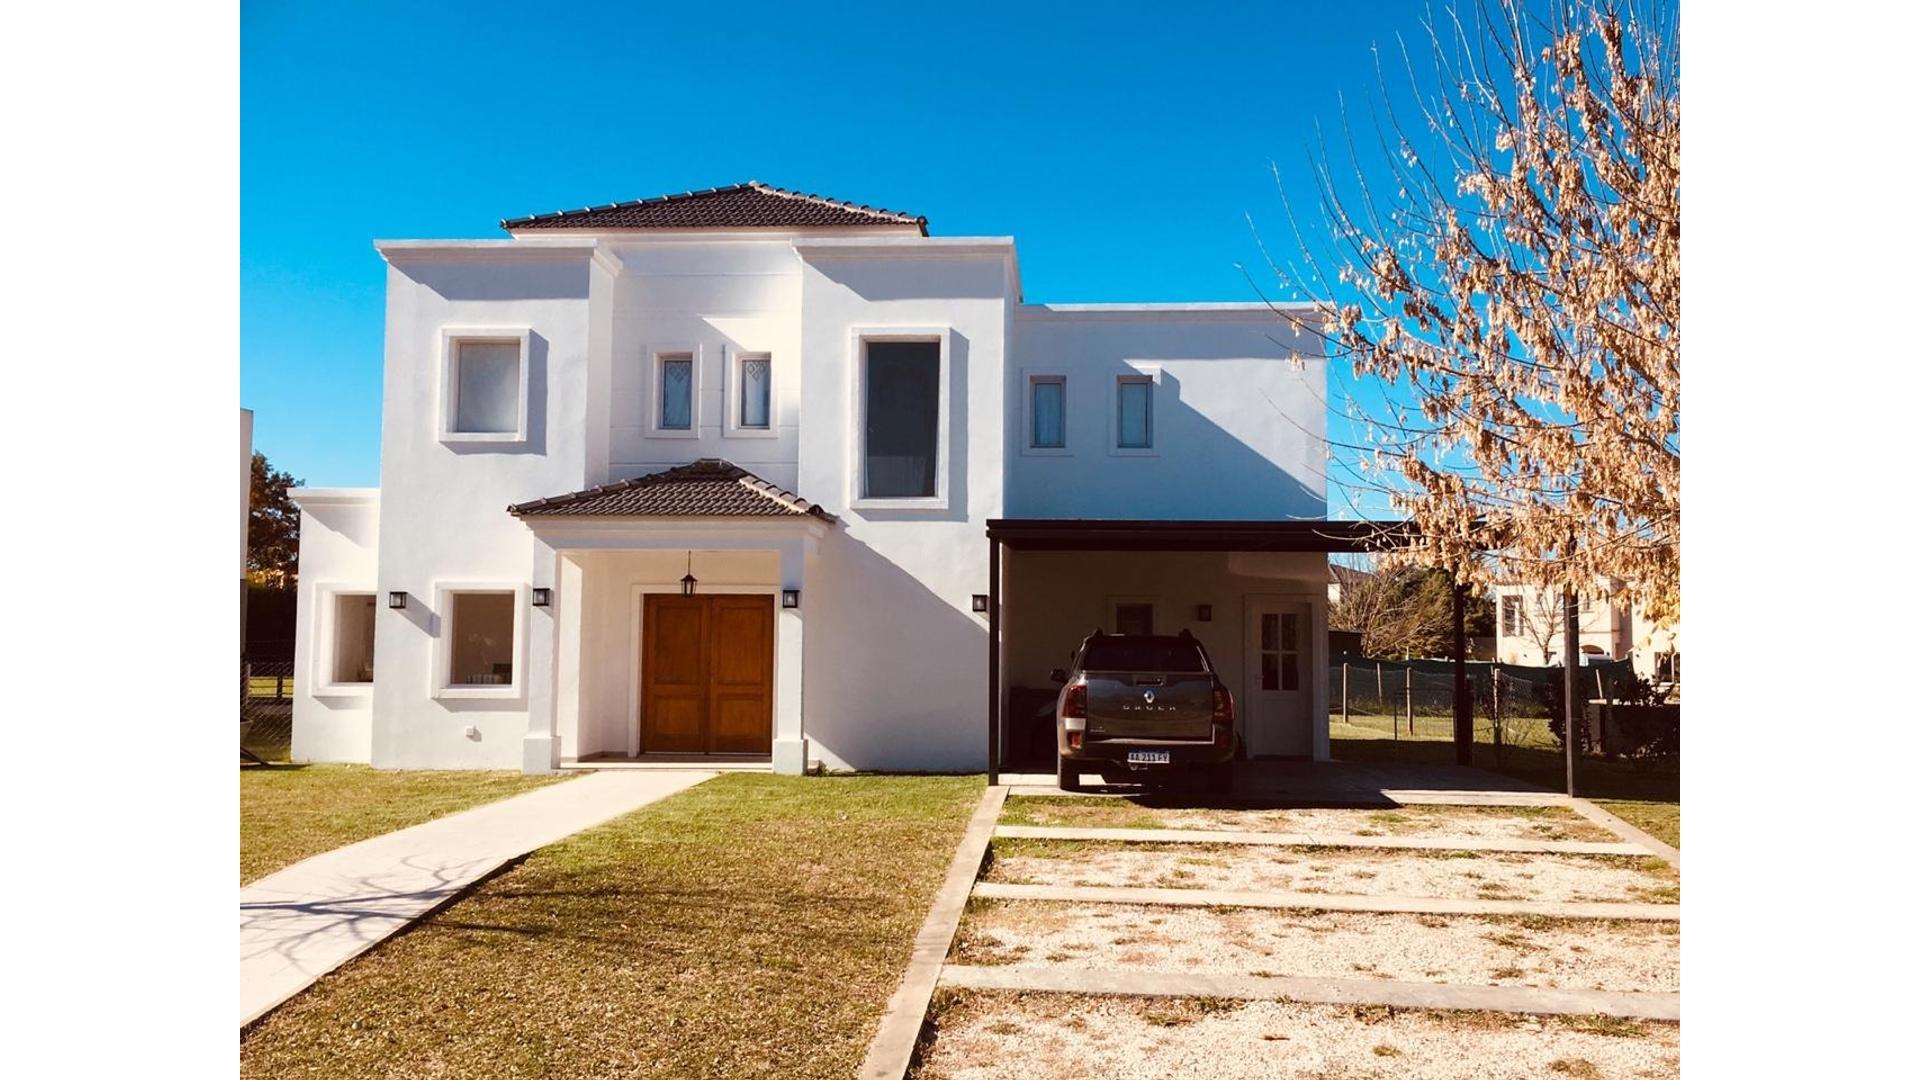 Oldman N°704 Lote / N° 41 - U$D 259.000 - Casa en Venta